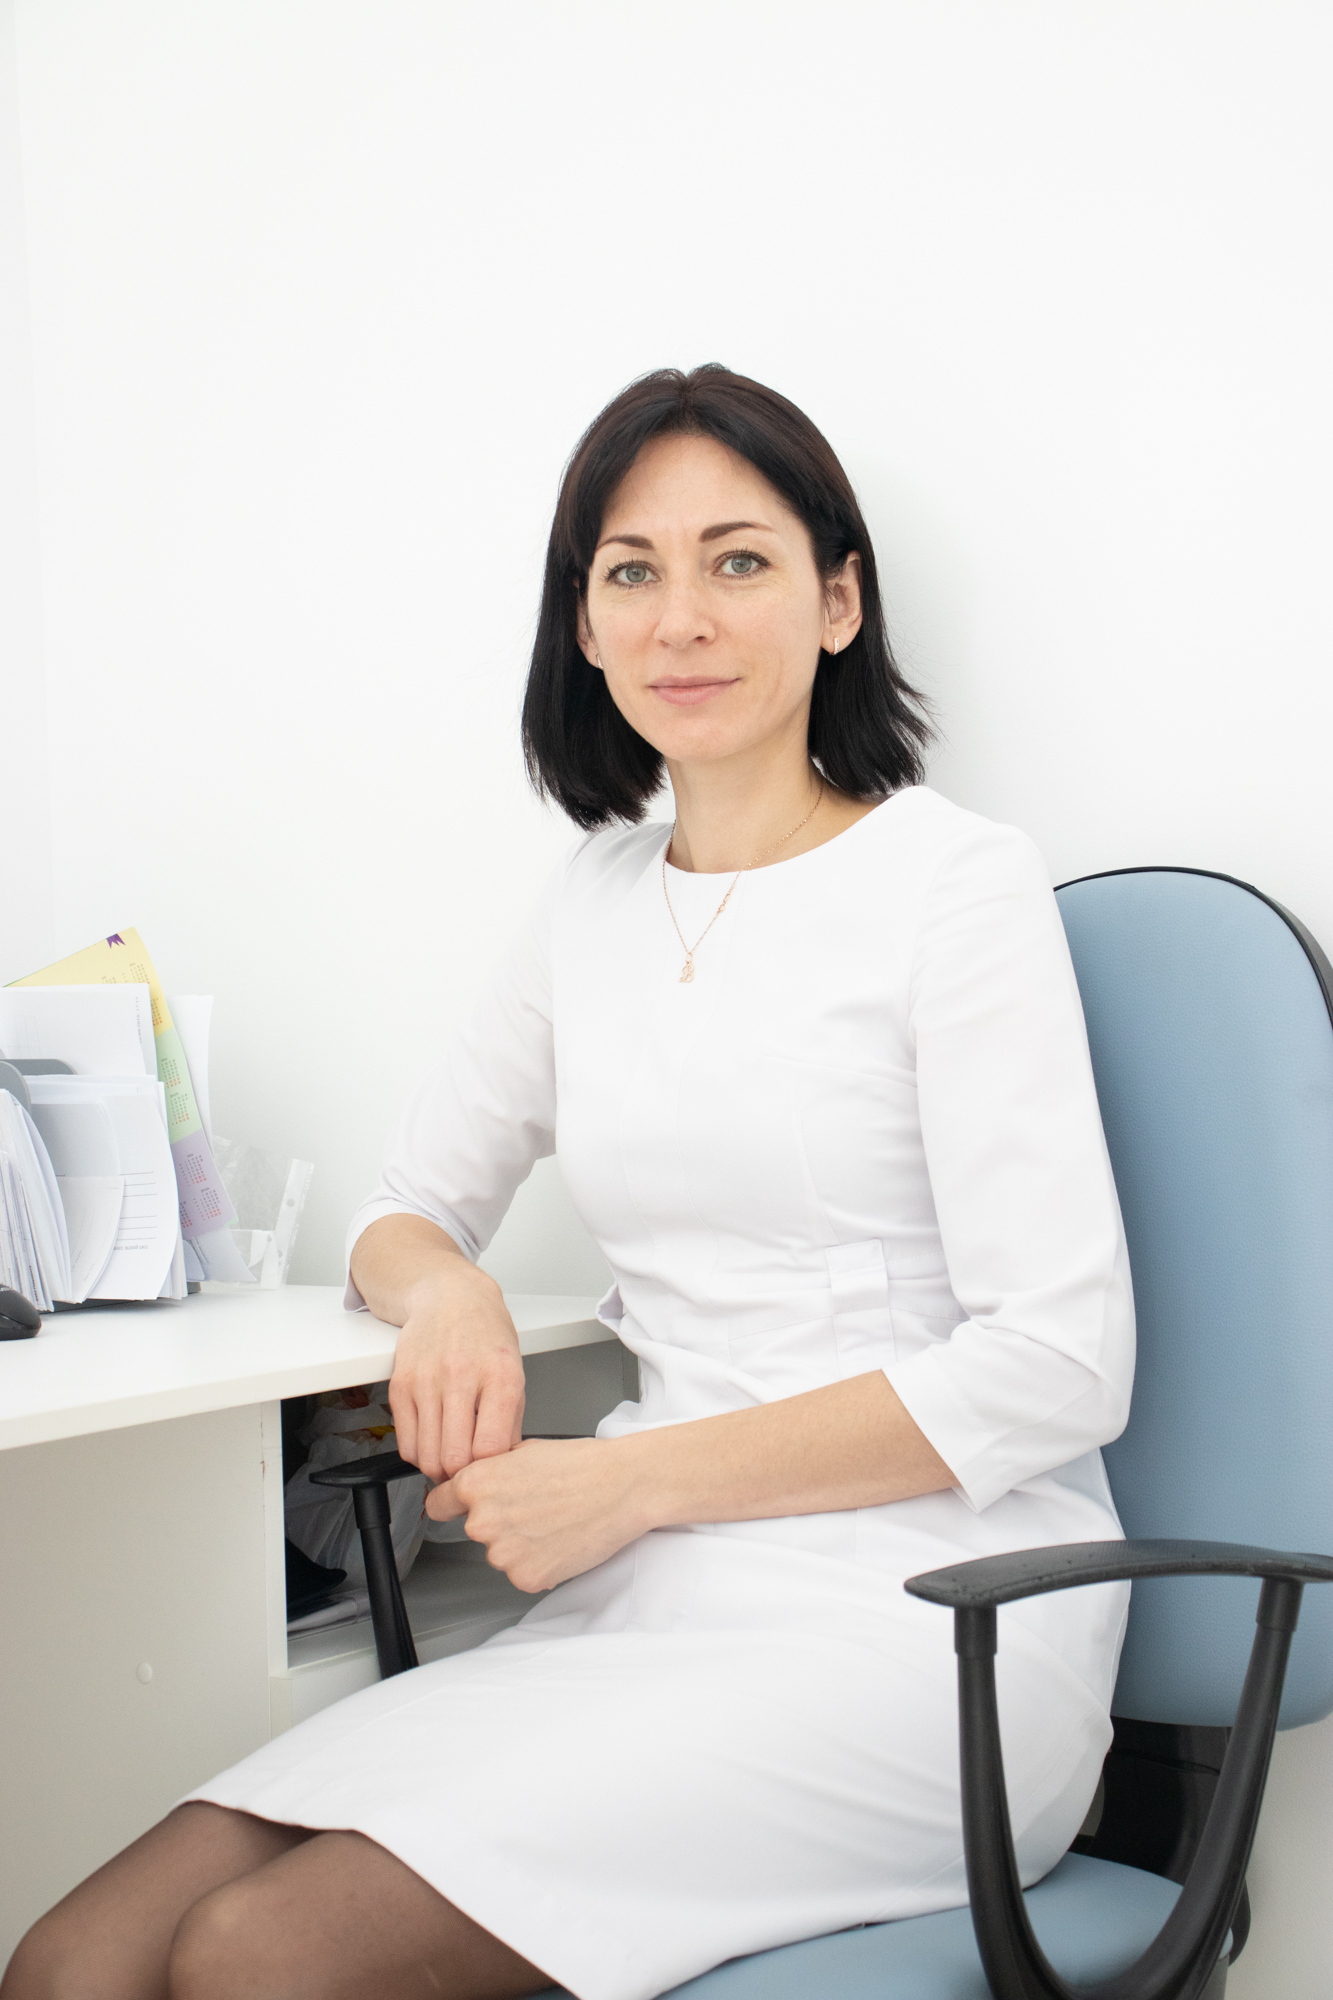 Мисайлова Наталья Юрьевна